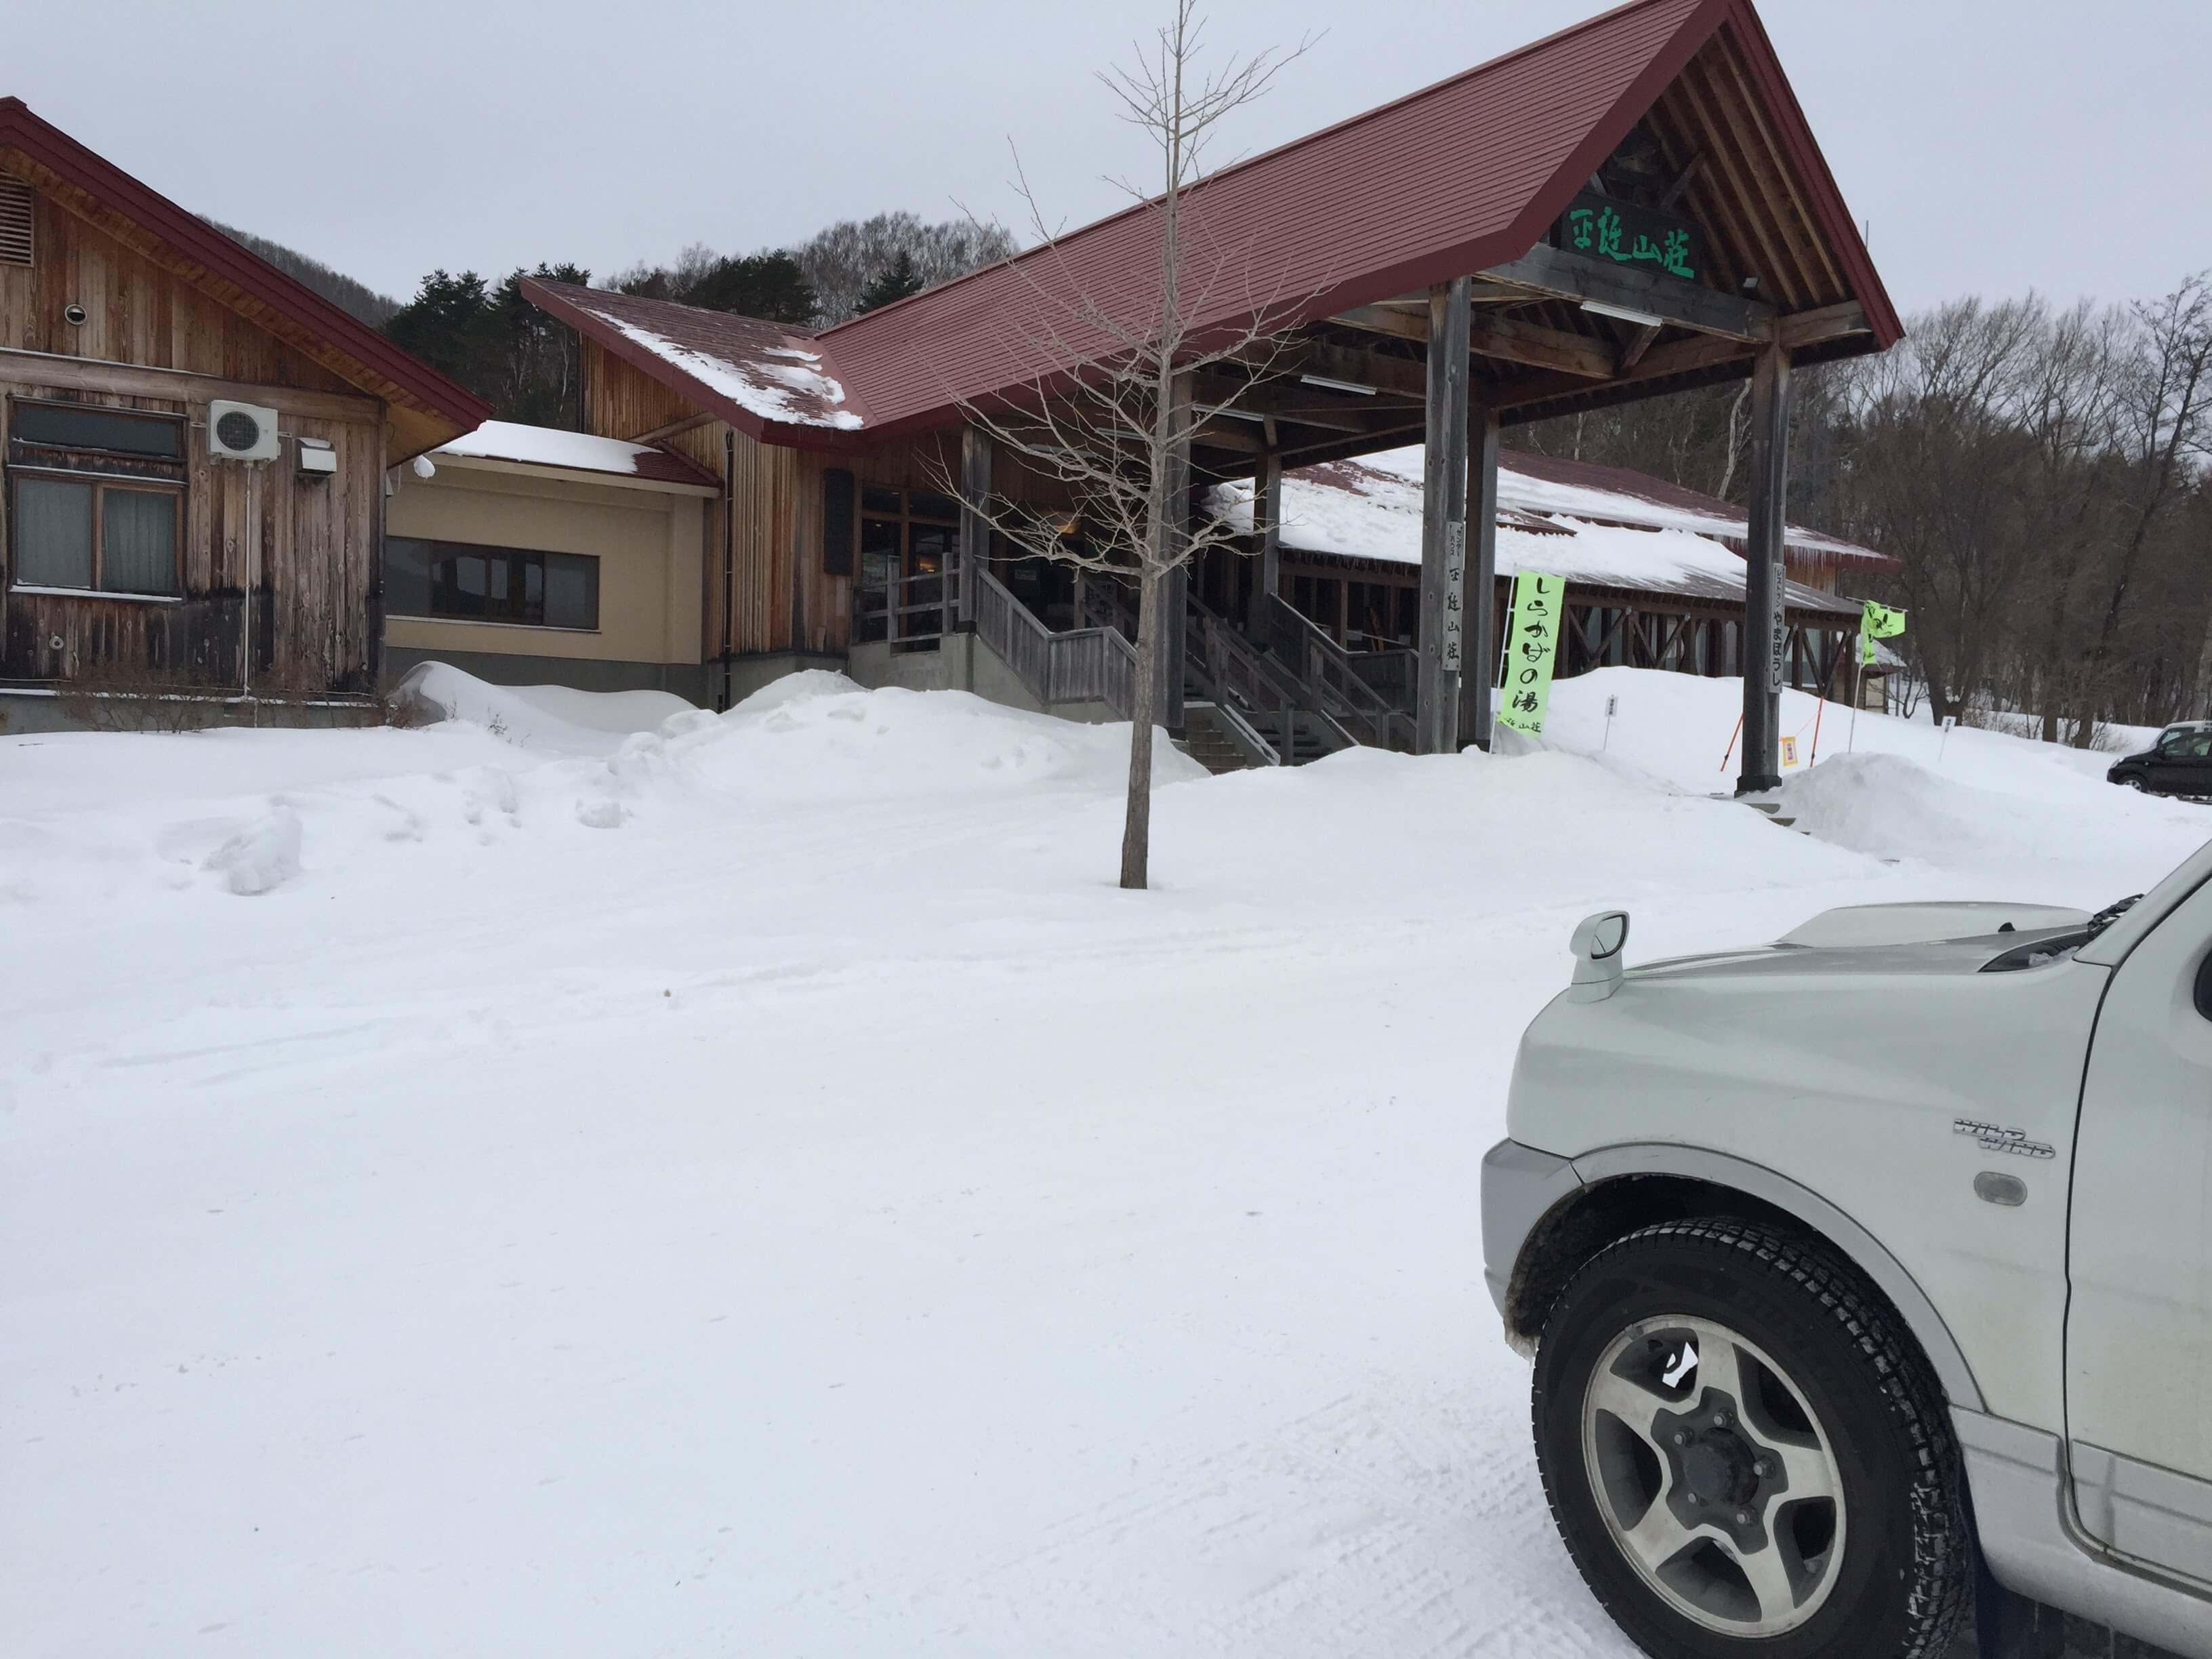 ジムニーJB23は AT(オートマ)でも、林道や雪道にも十分対応可能。